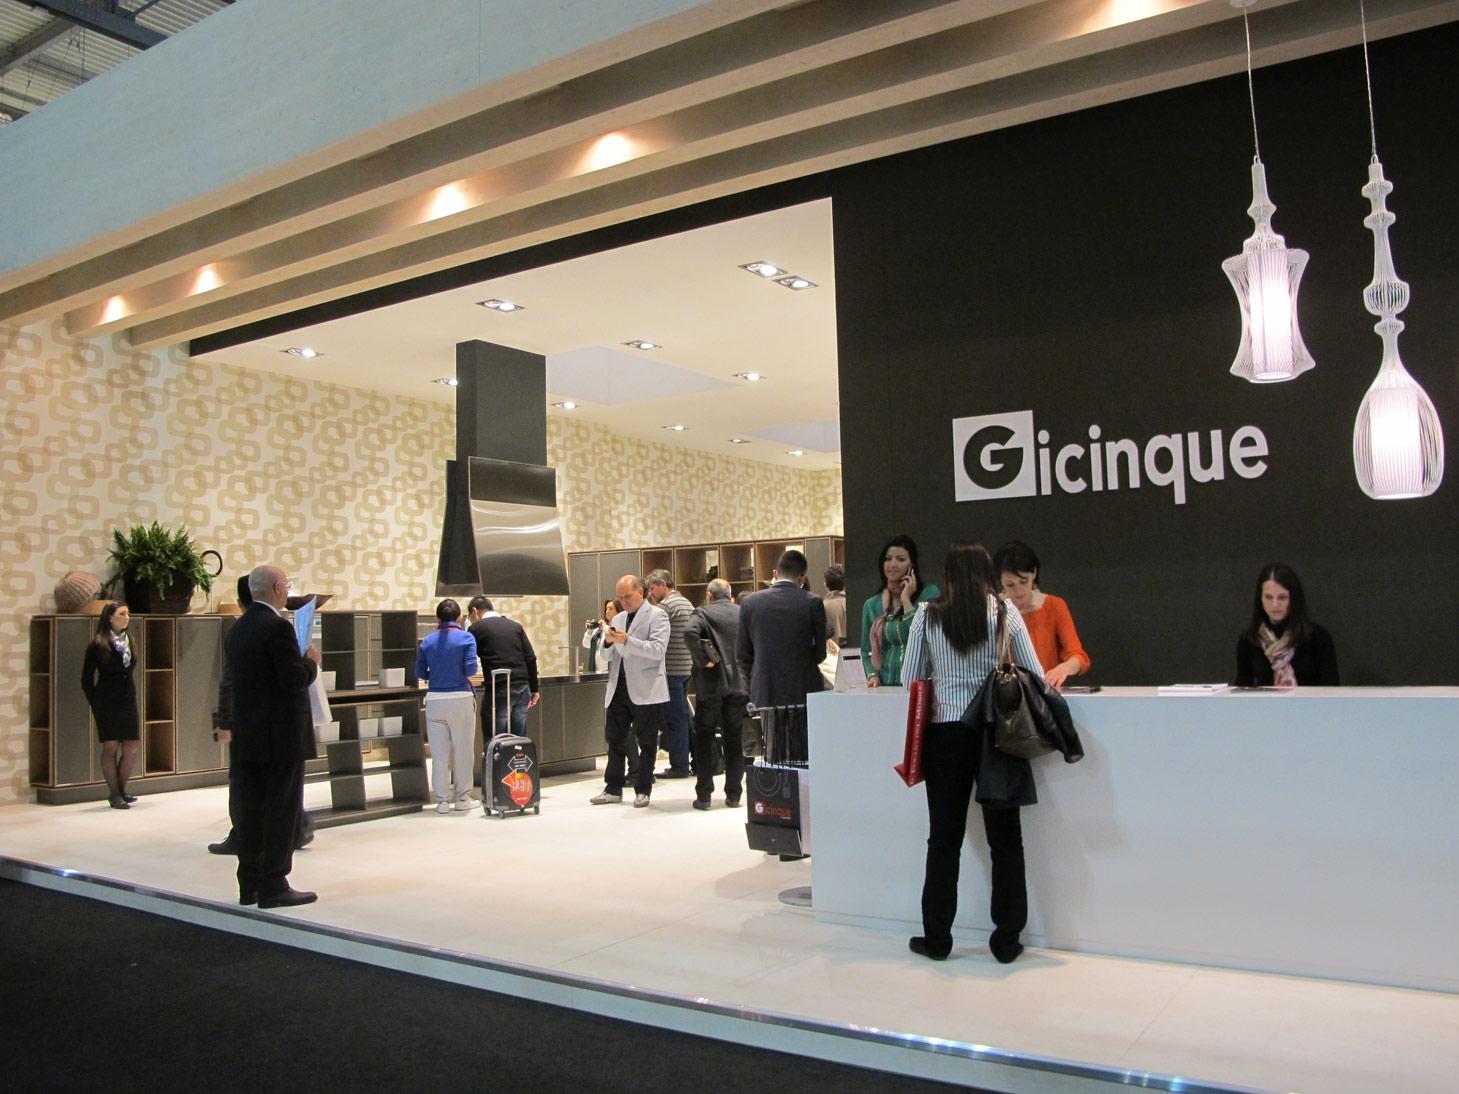 Gicinque al Salone del Mobile 2012: guardate le prime foto e i video dello stand!